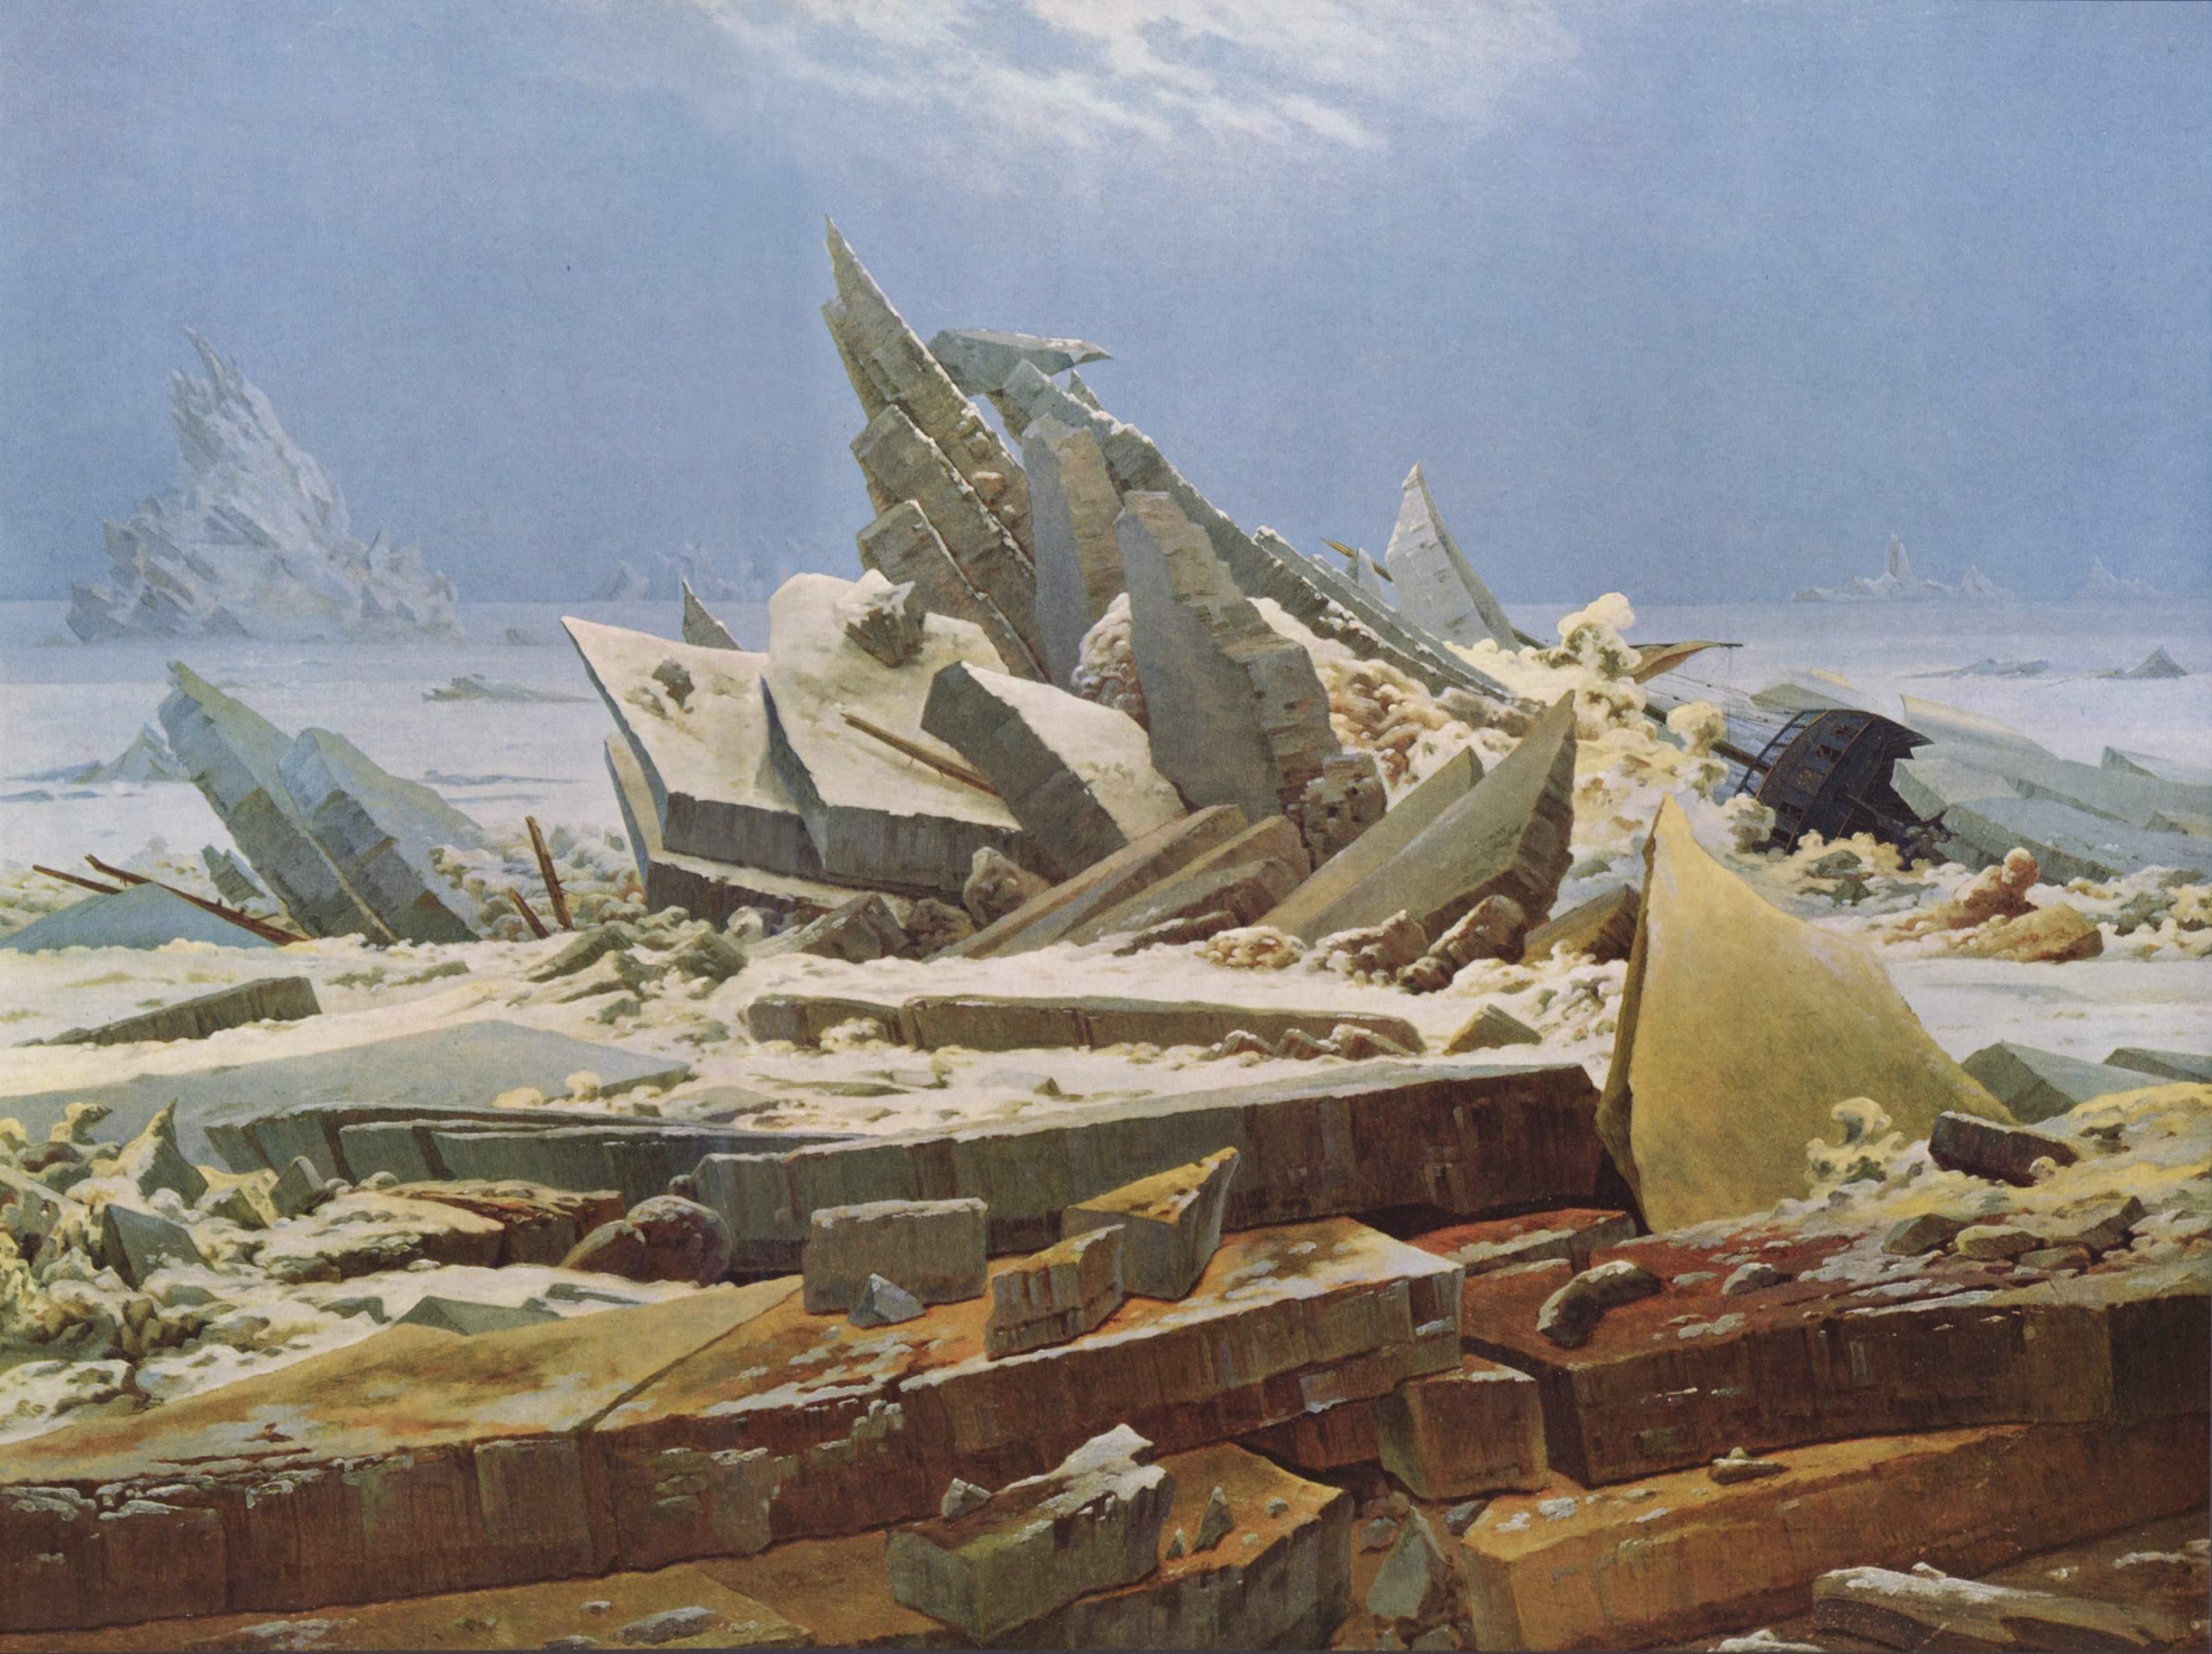 Friedrich Casper David Das Eismeer